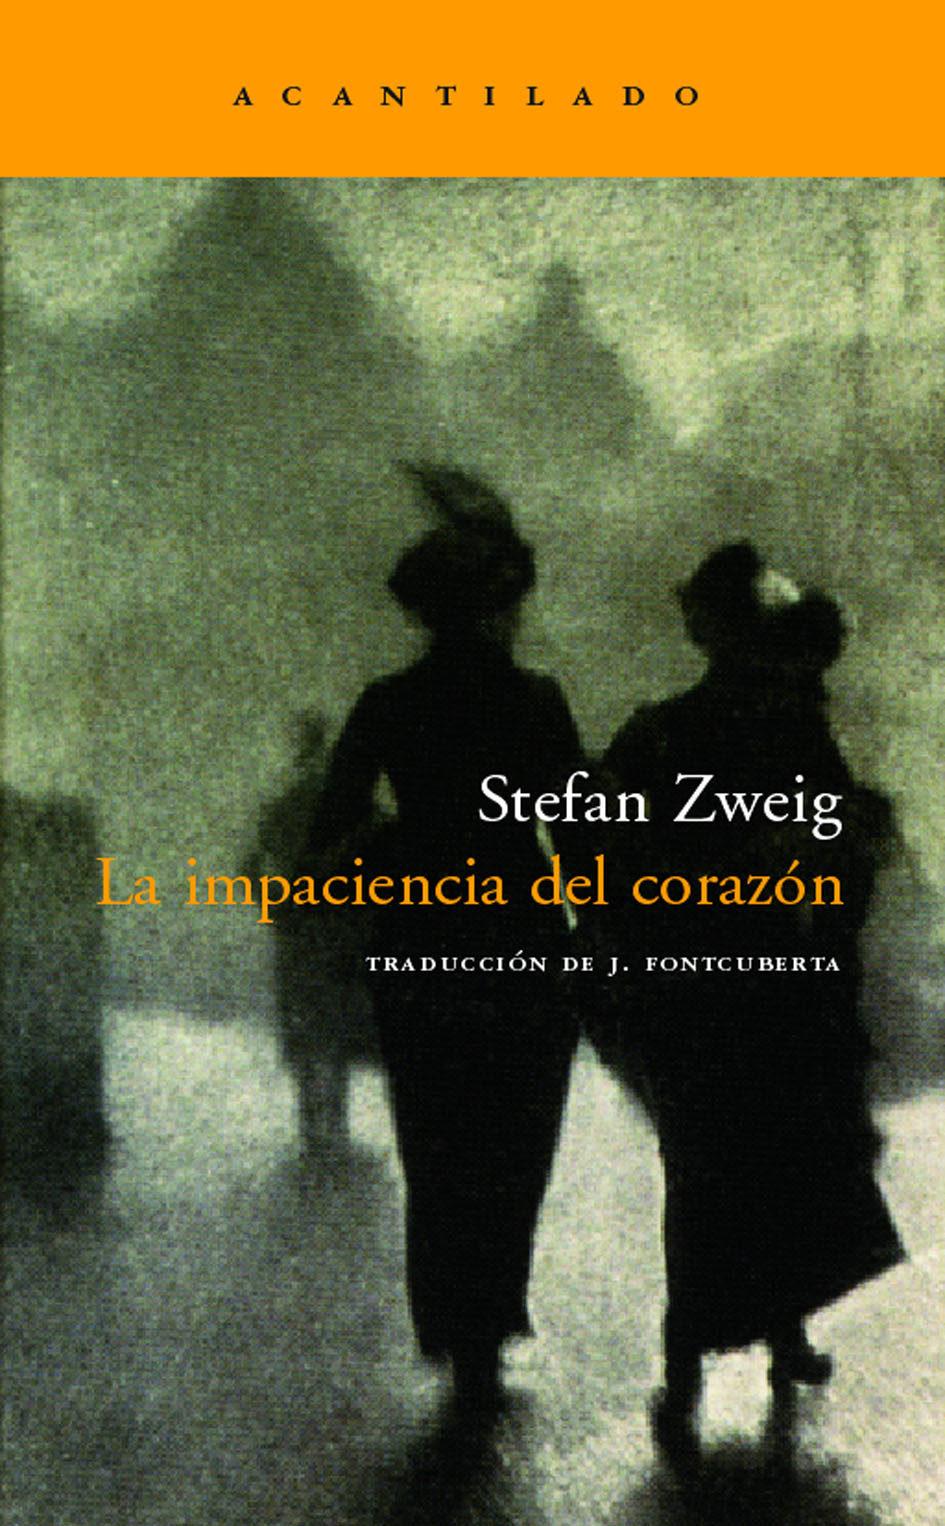 Primeira lectura do Club de lectura semanal: La impaciencia del corazón de Setfan Zweig